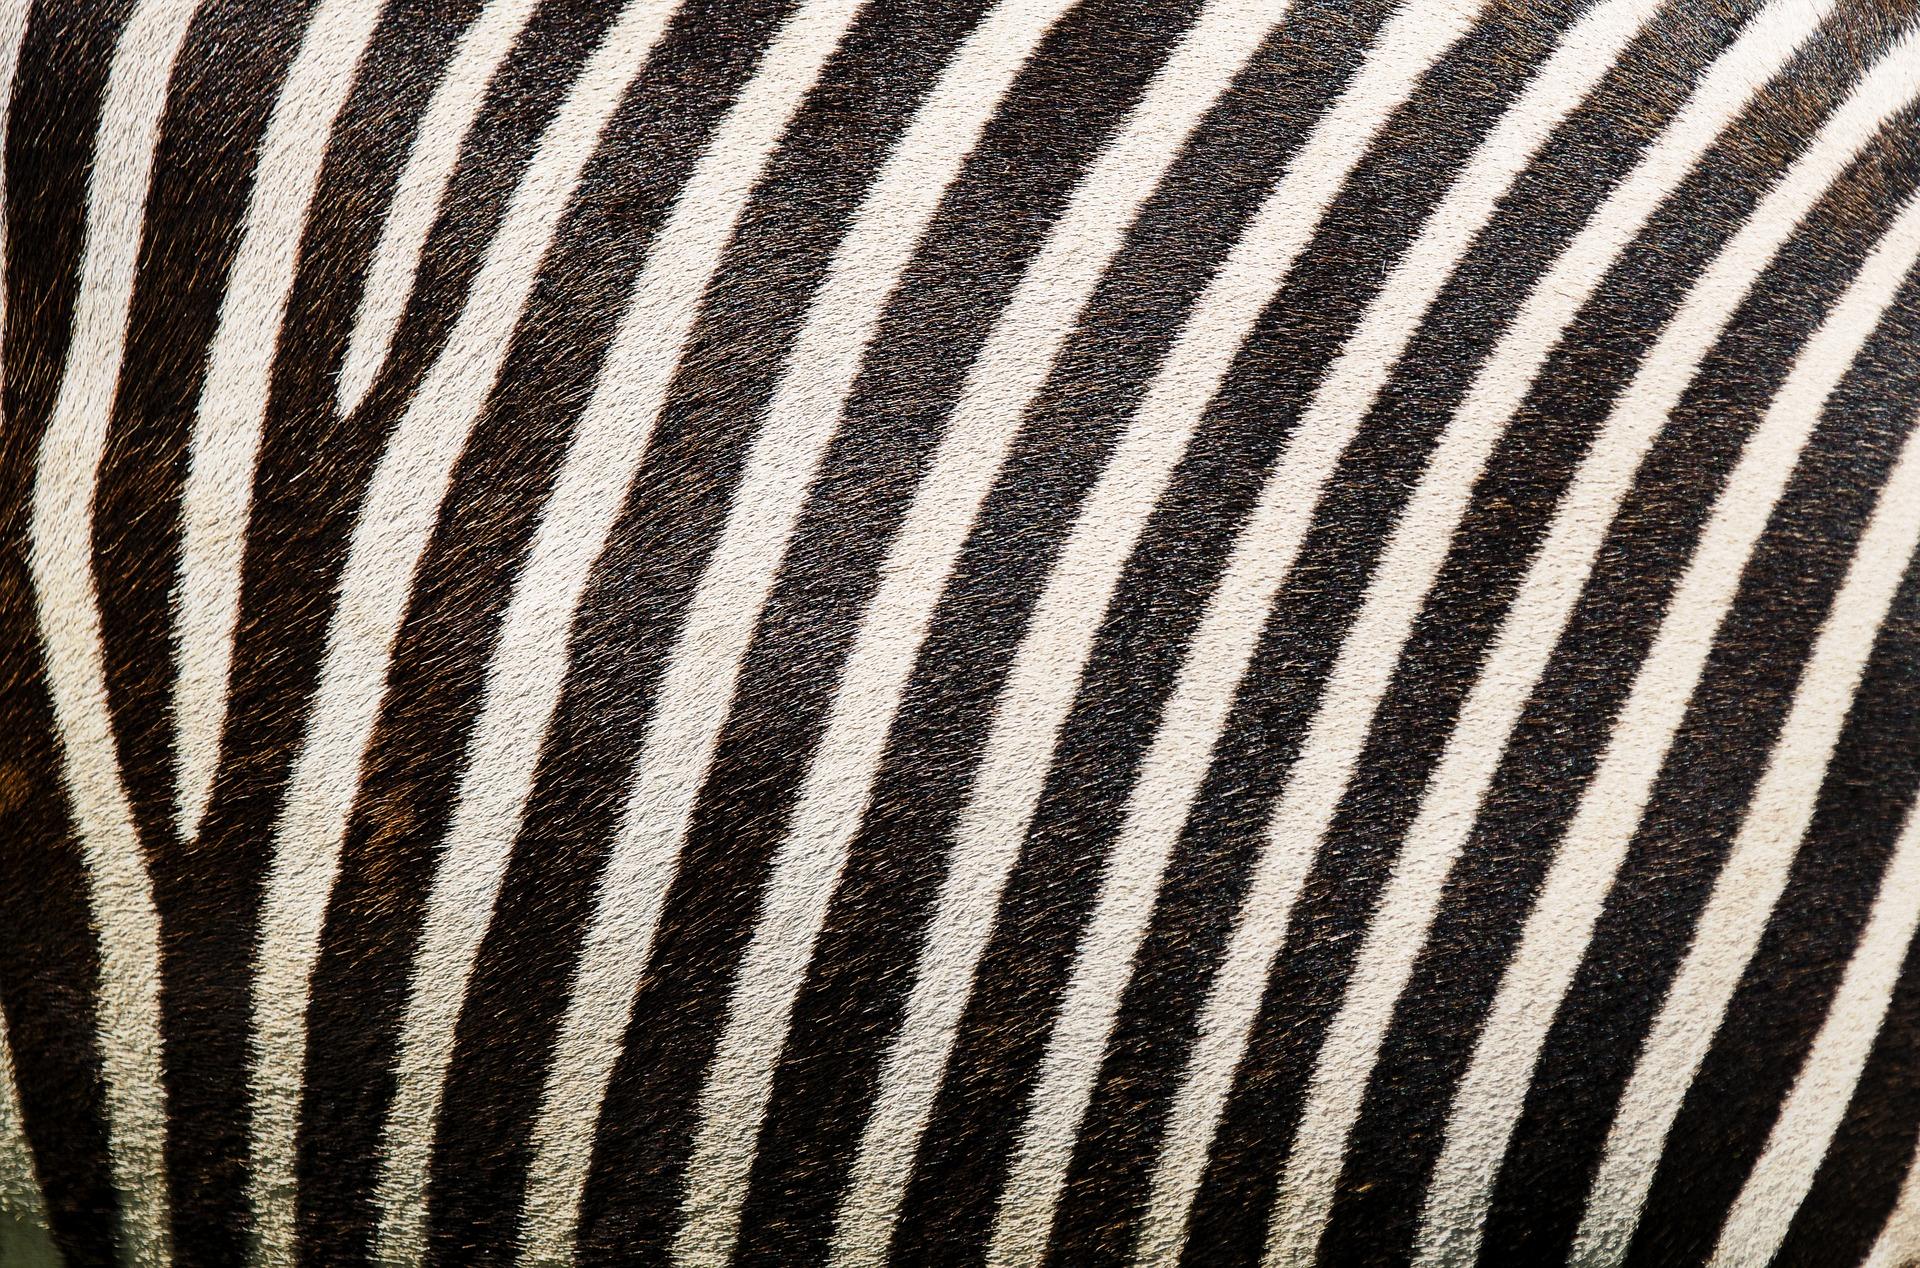 アイコスの白とネイビー色に似た動物